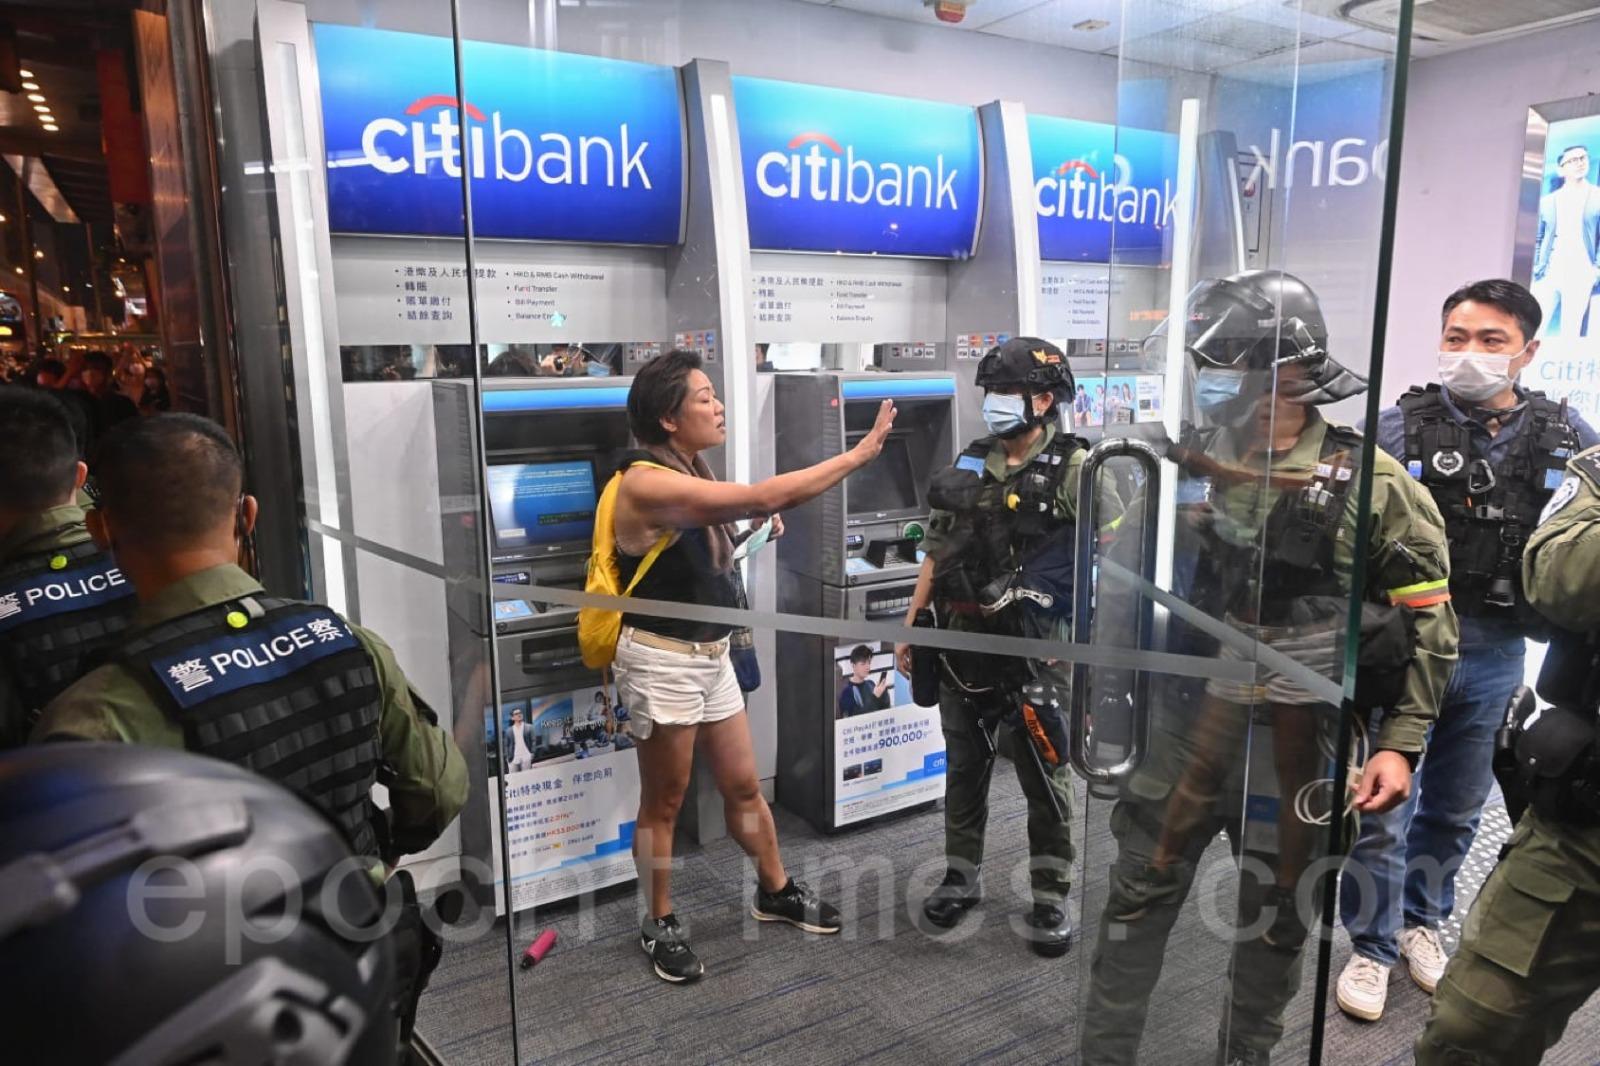 一名女士在太子站對面的花旗銀行裏被防暴警察截查。(宋碧龍/大紀元)